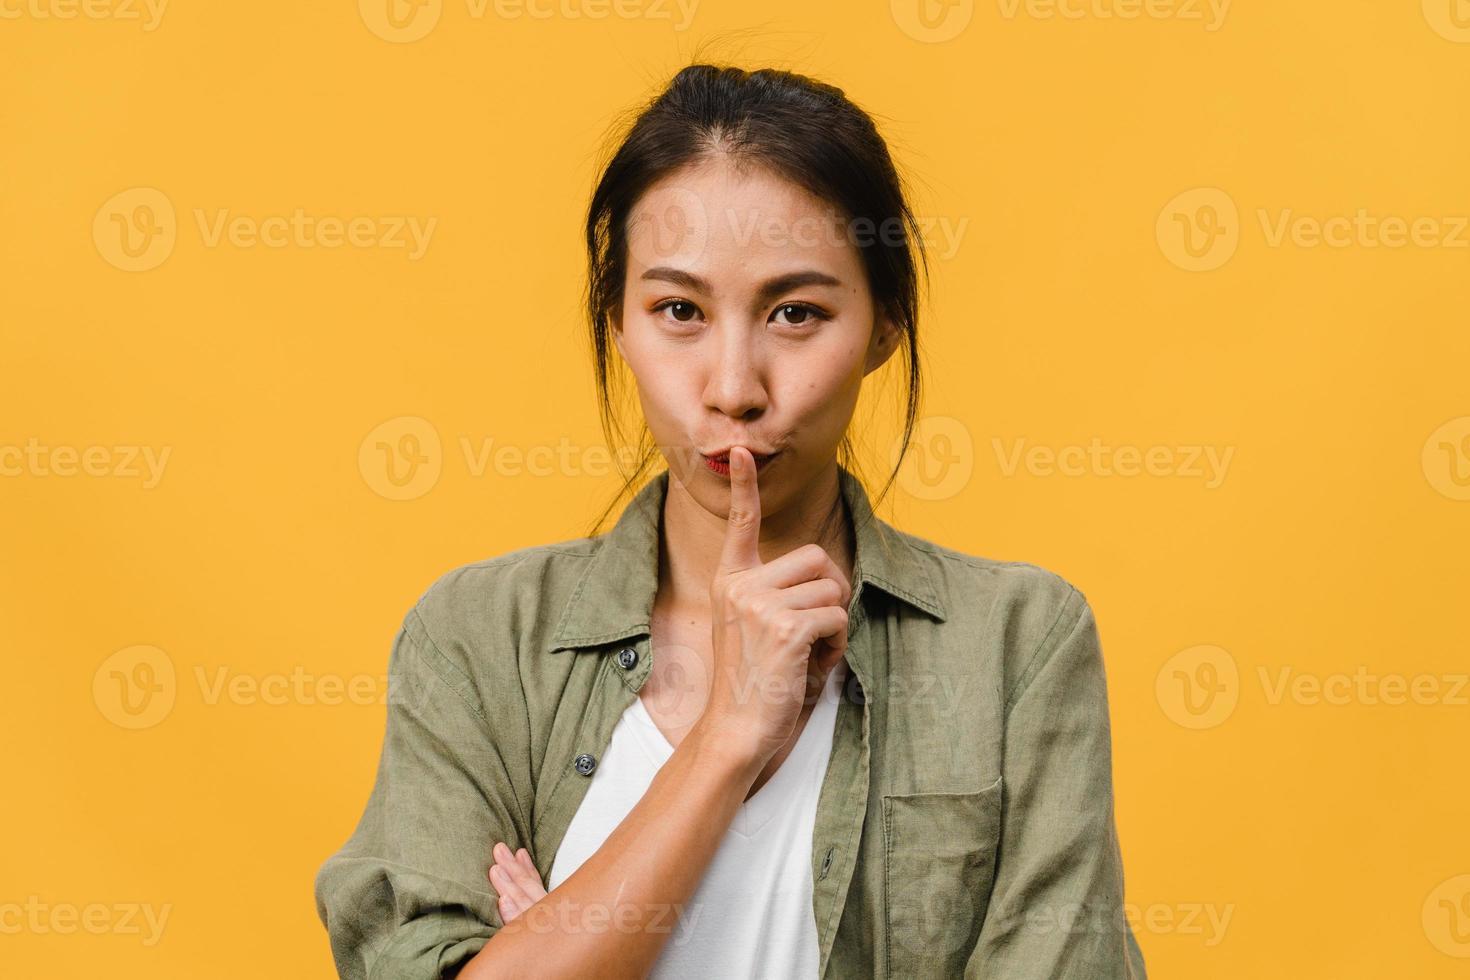 porträtt av ung asiatisk dam med positivt uttryck, tänker på kommande helgdagar, klädd i vardagskläder och tittar på kameran över gul bakgrund. glad förtjusande glad kvinna jublar över framgång. foto